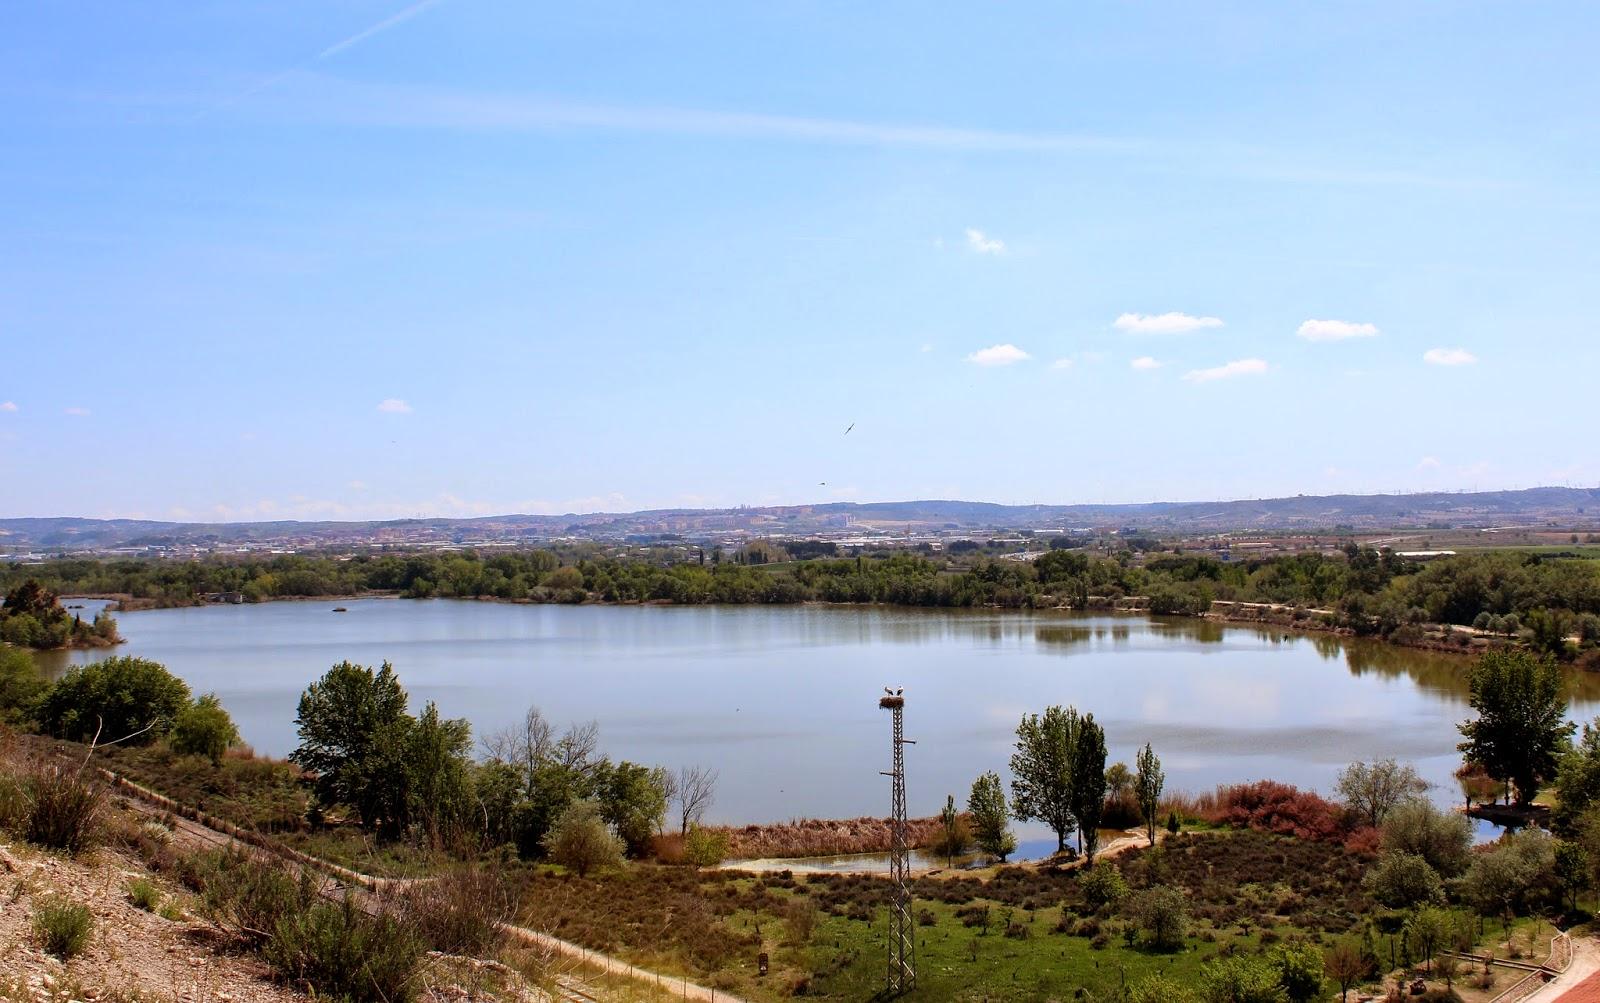 Lagunas de Madrid